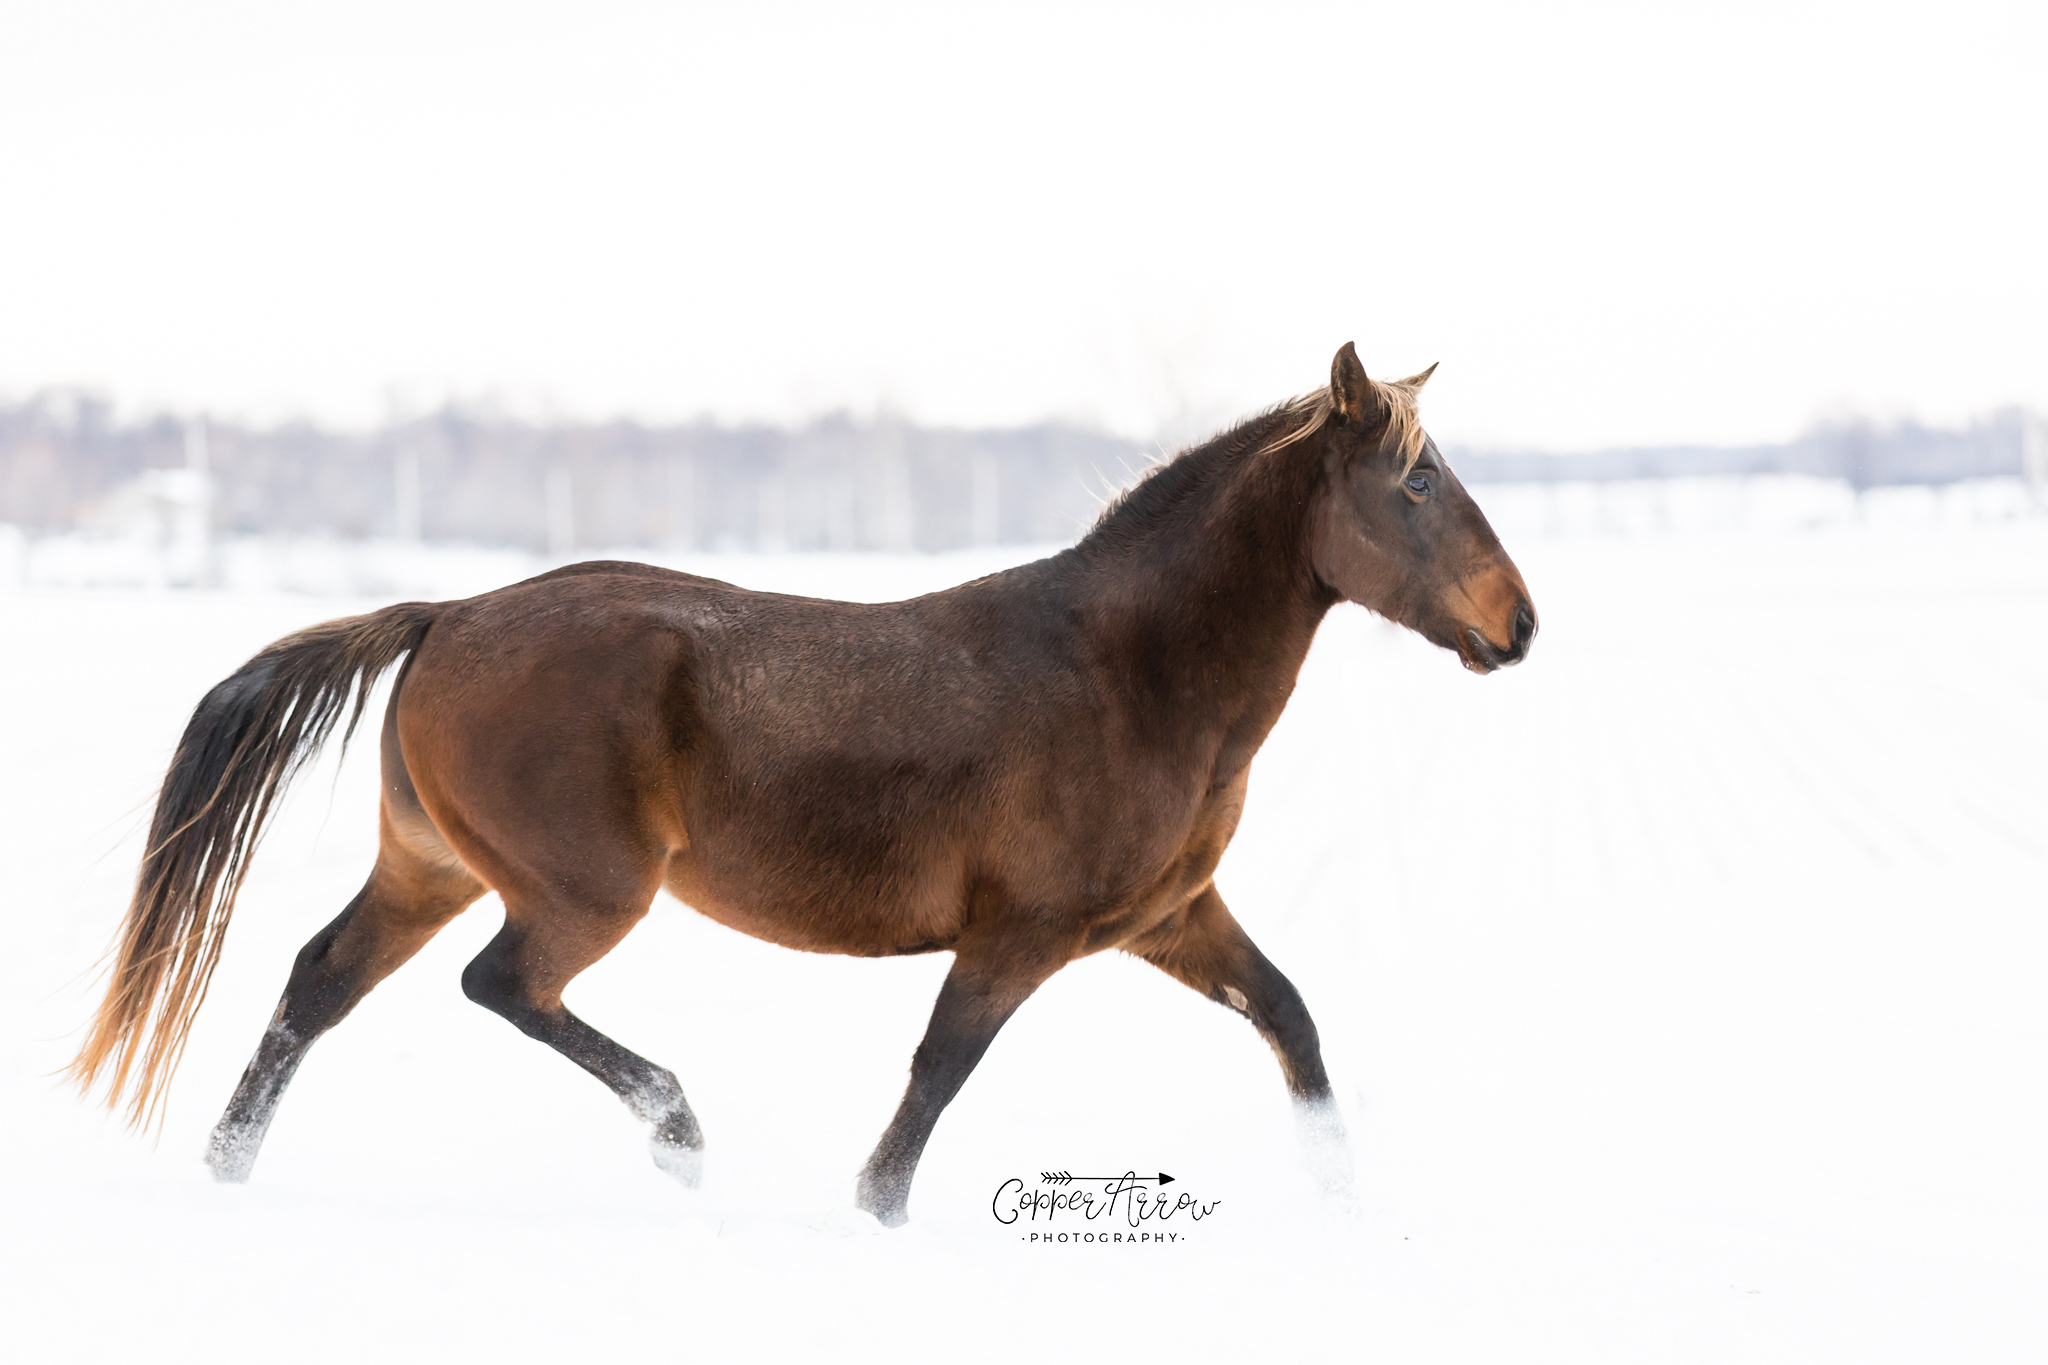 How to market a stallion